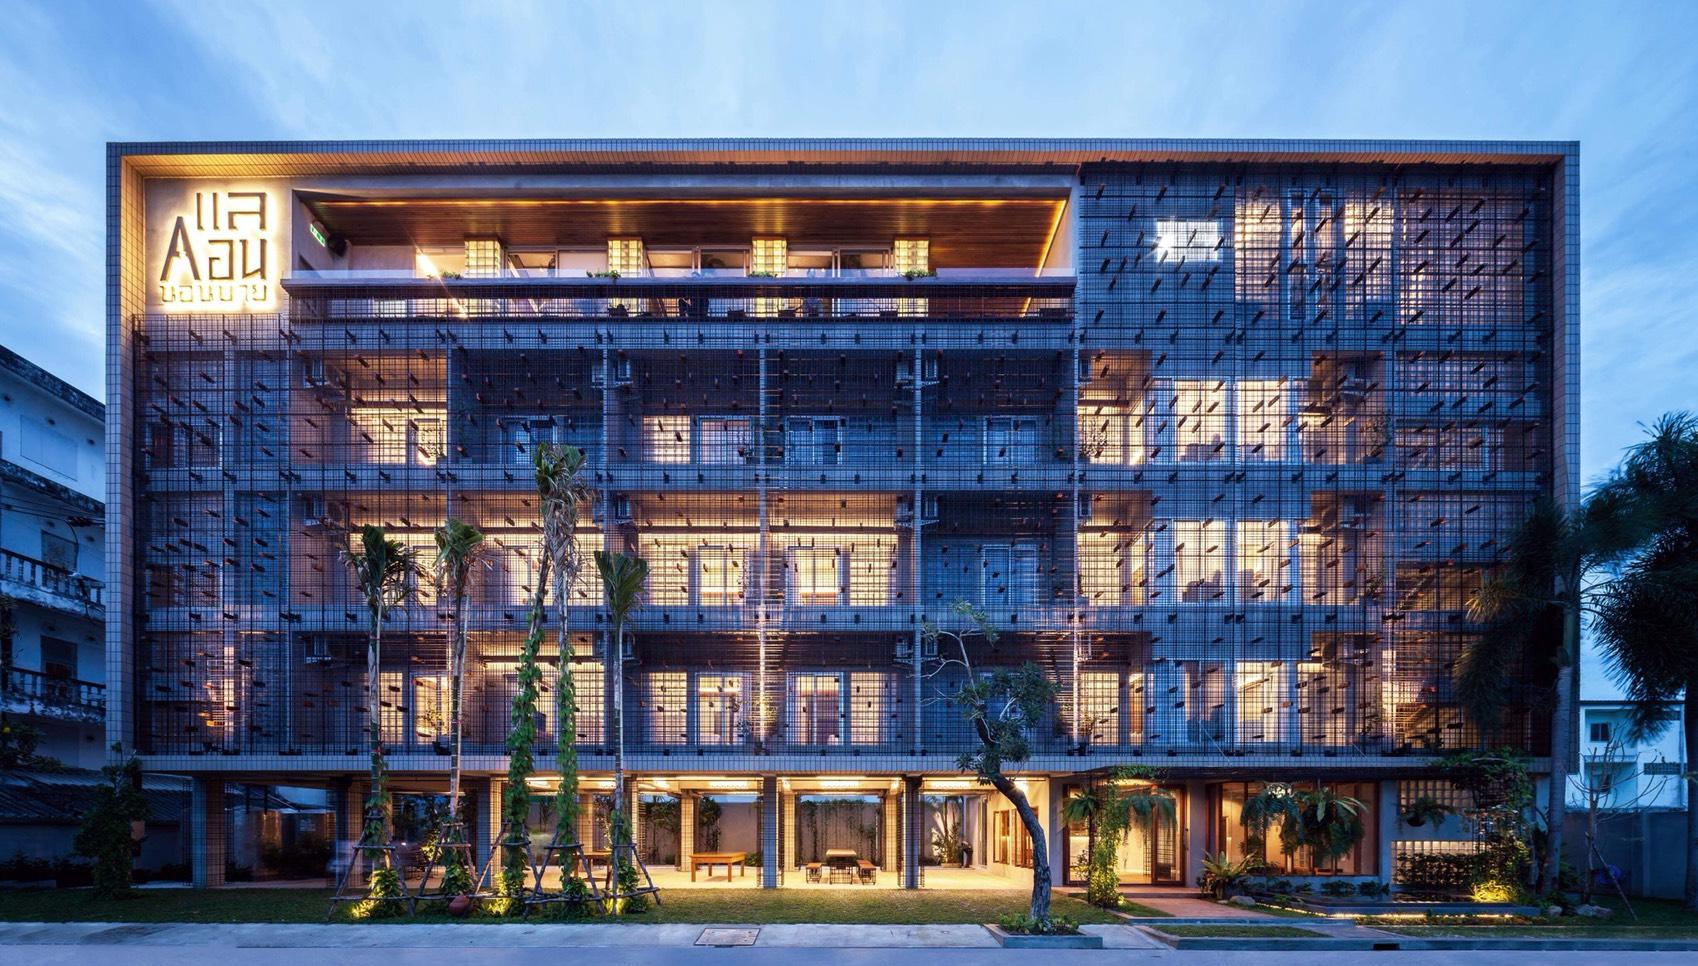 สถาปัตยกรรมโรงแรมที่นำวัสดุท้องถิ่นมาจัดเรียงแบบสมัยใหม่แลคอน,rooftop,นครศรีธรรมราช,โรงแรม,ร้านอาหาร,เด็ด,สวย,วิวหลักล้าน